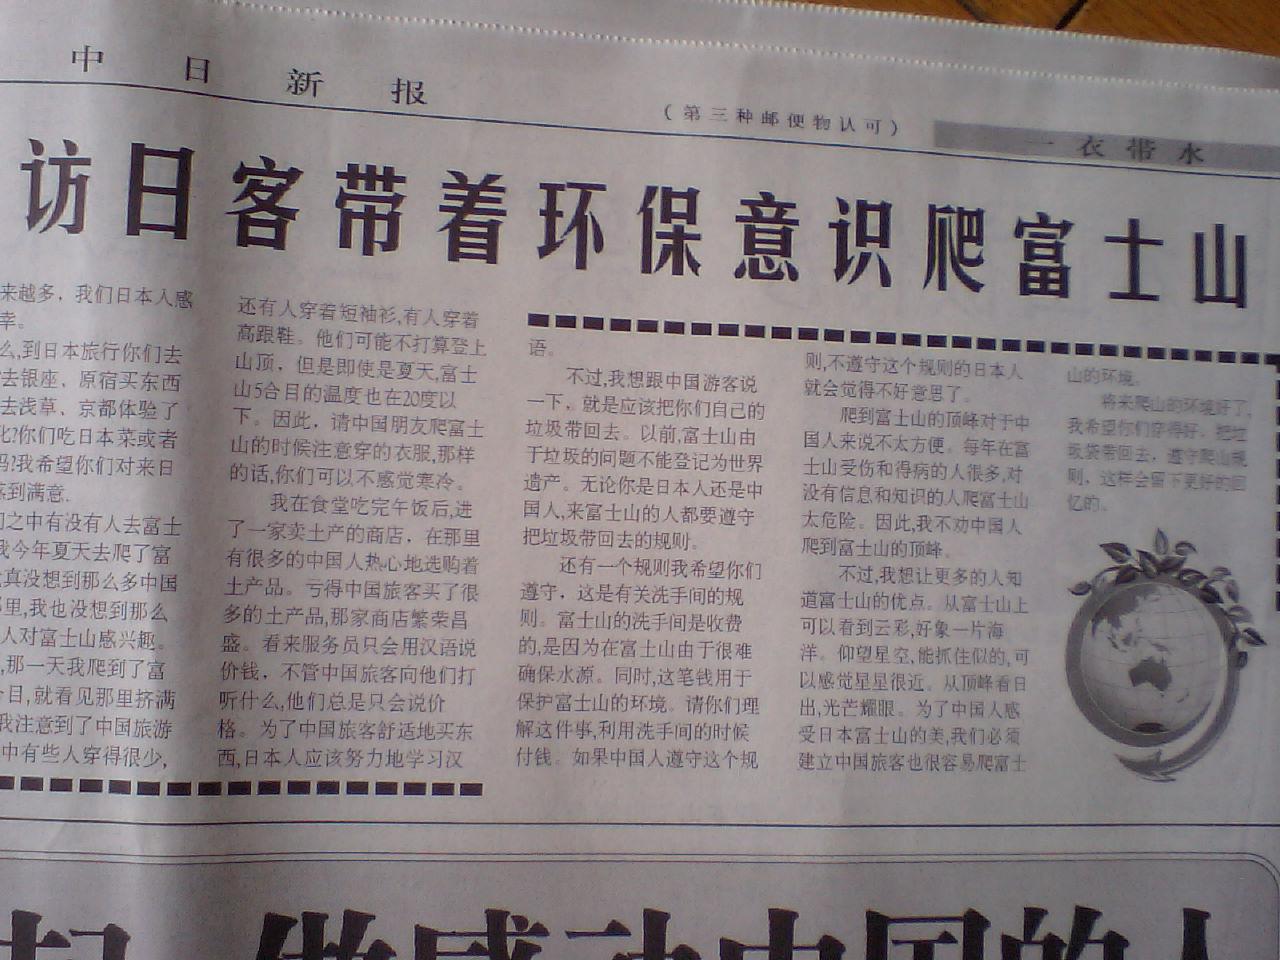 中日新報 第五回日本人の中国語作文コンクール最優秀賞受賞作品を大きく報道_d0027795_11123576.jpg